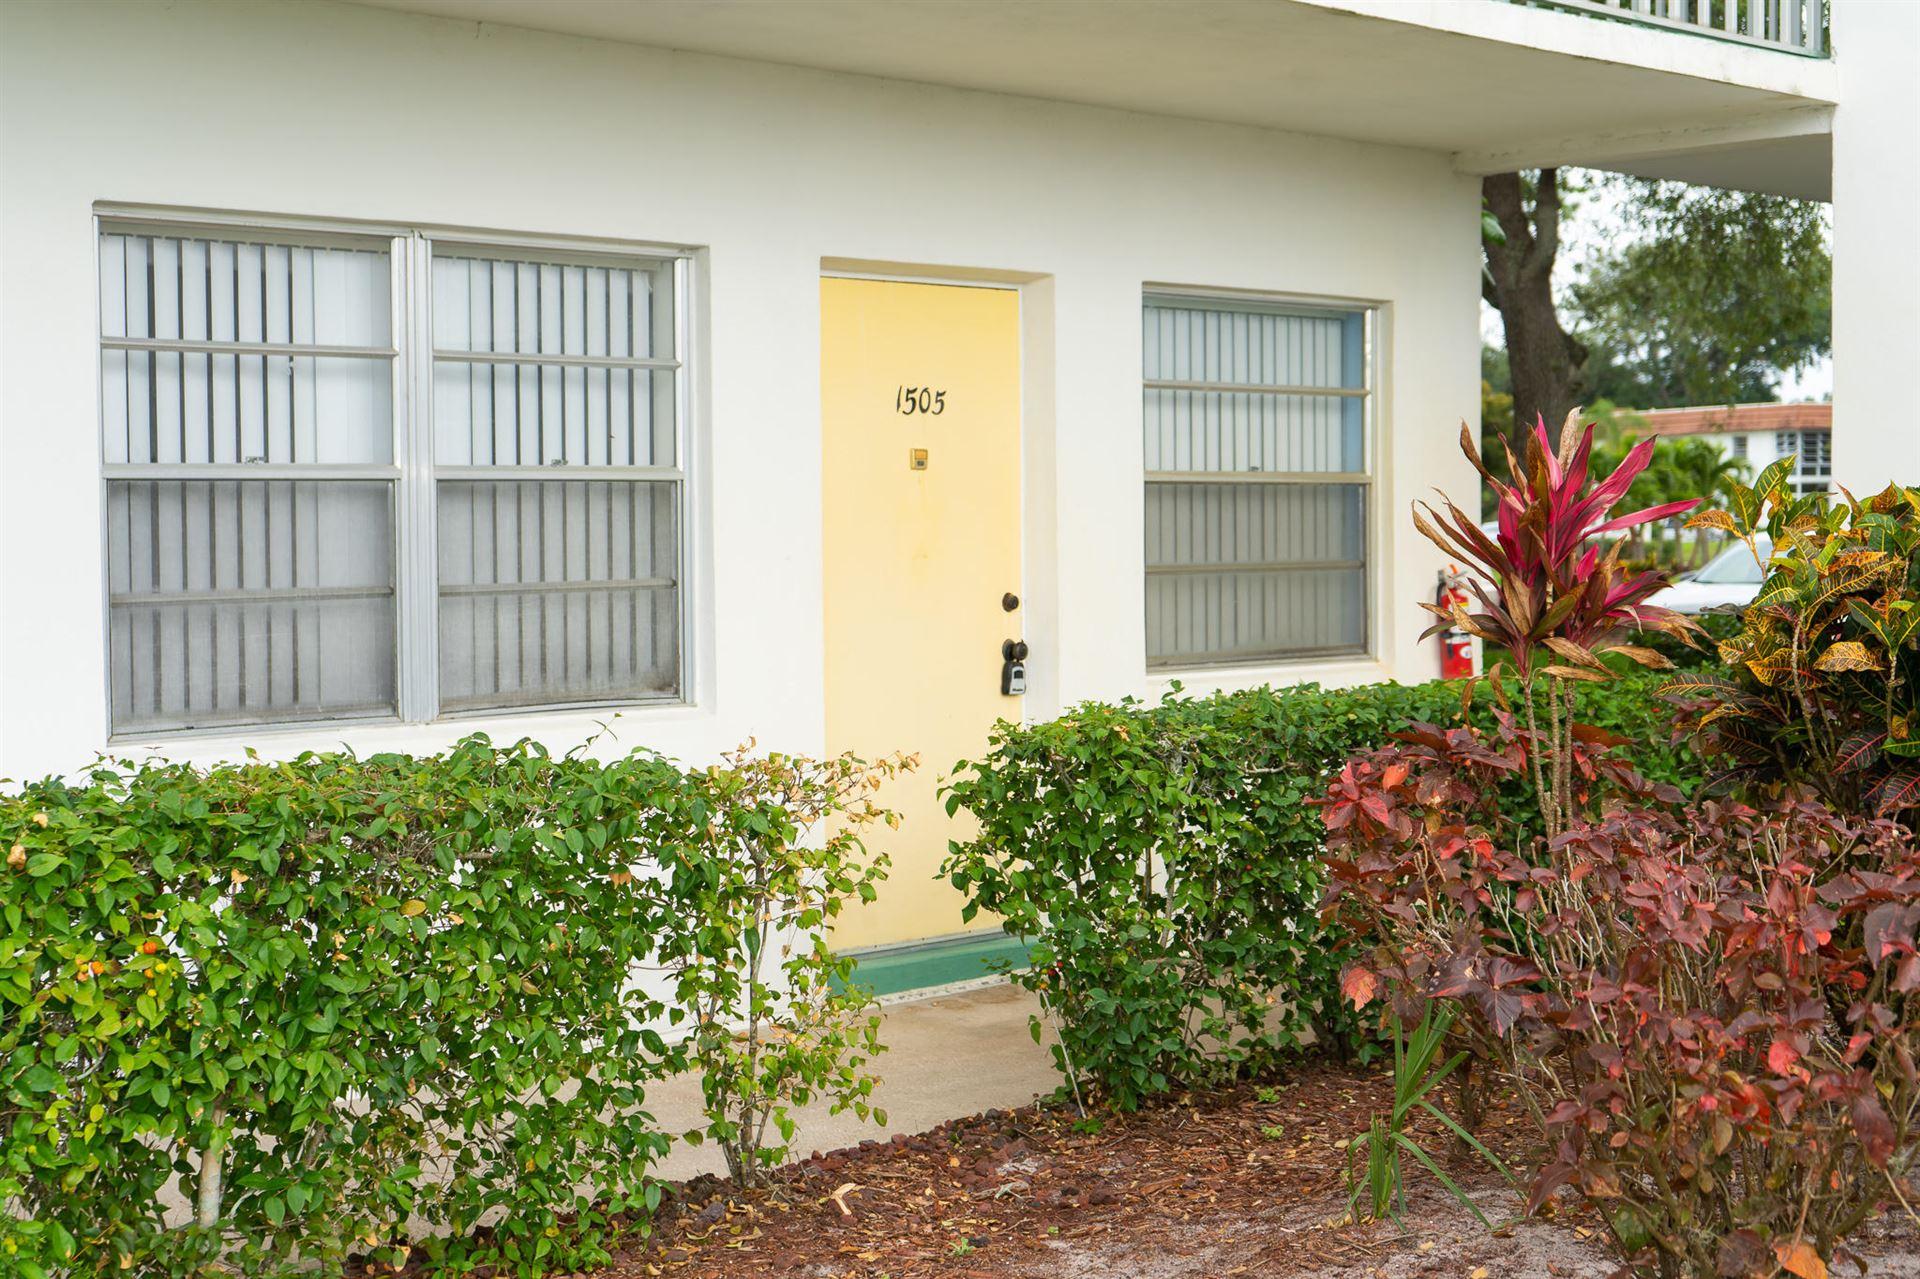 1225 NW 21st Street #1505, Stuart, FL 34994 - #: RX-10695386